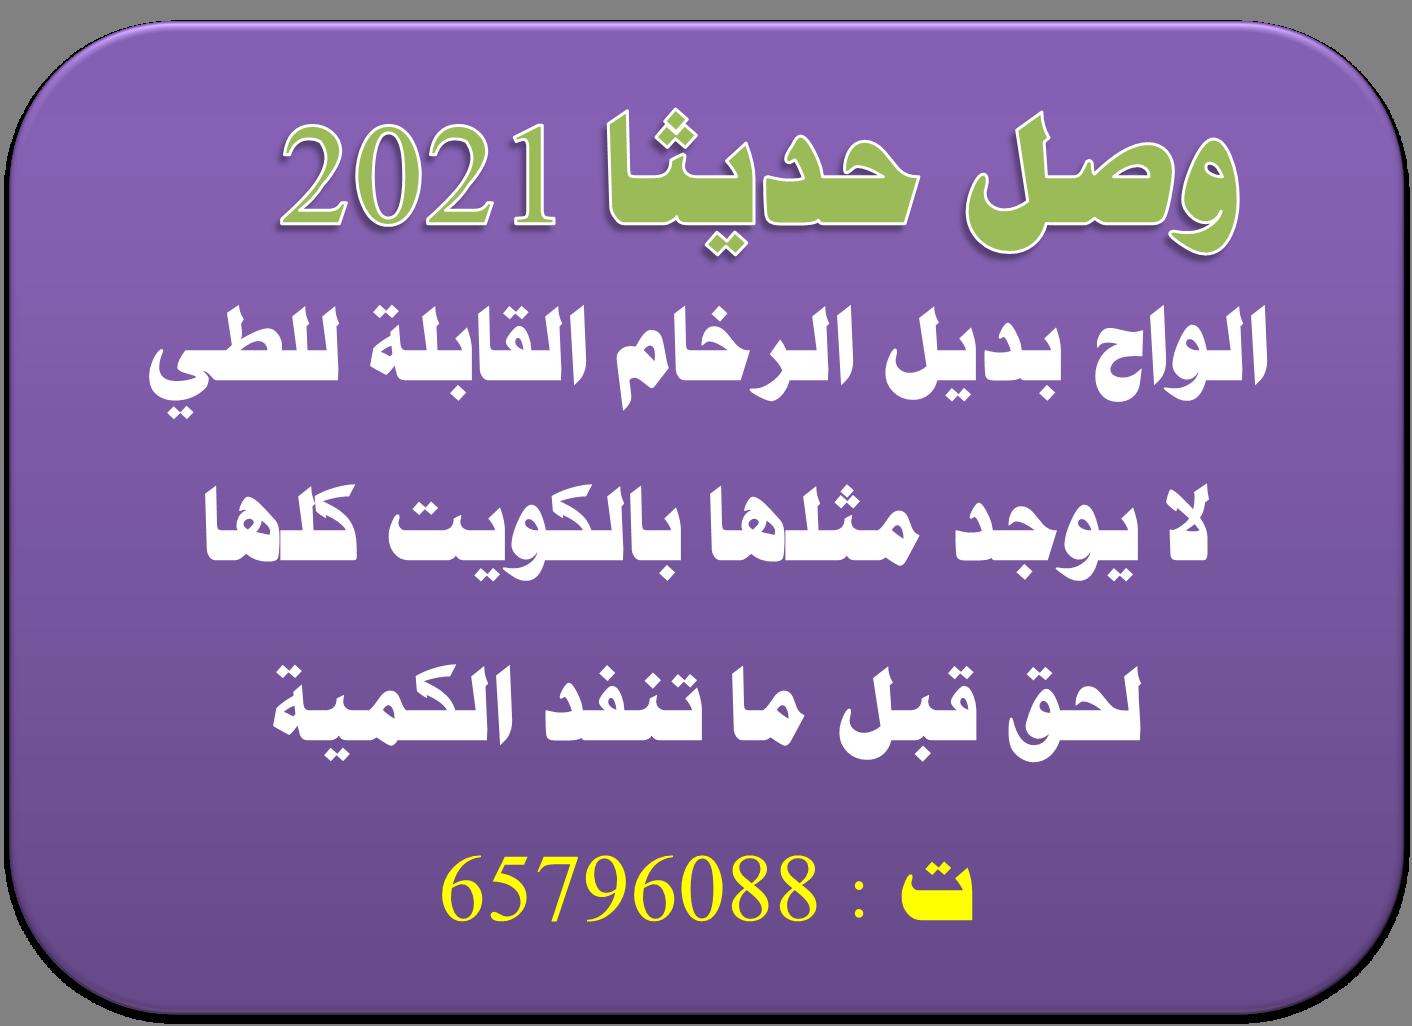 الواح بديل الرخام بالكويت - كل الإعلانات